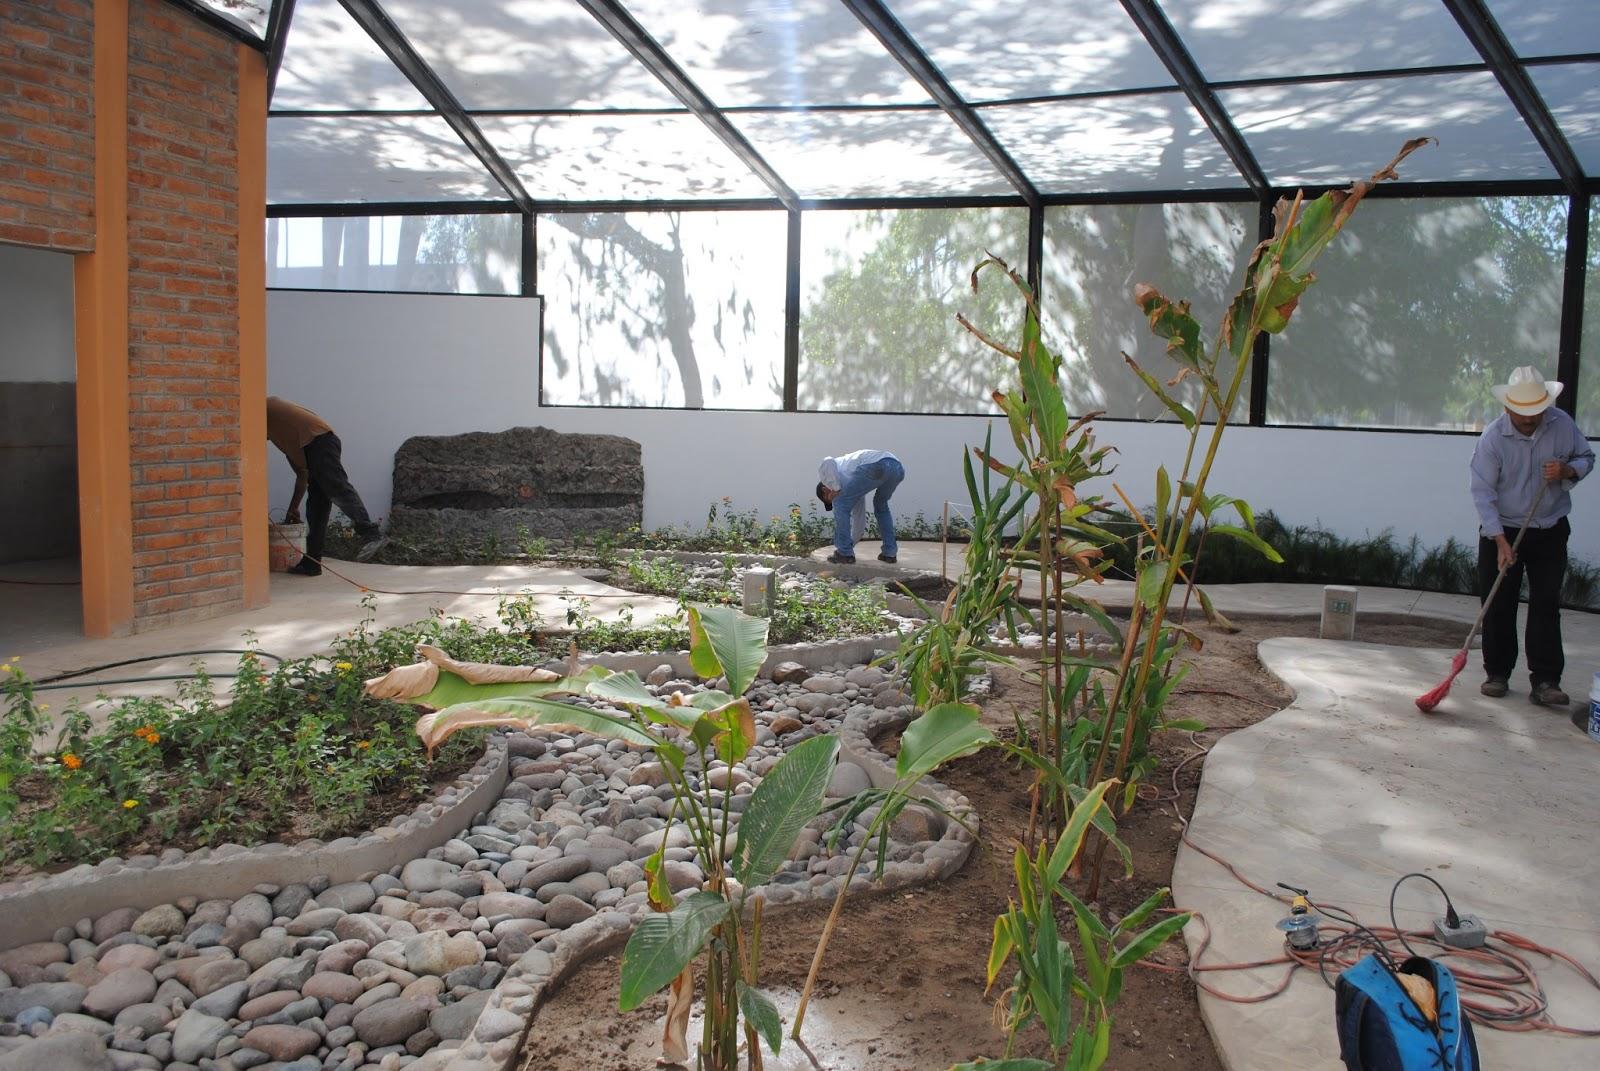 Sociedad jard n bot nico de los mochis iap for Casa jardin 8 de octubre